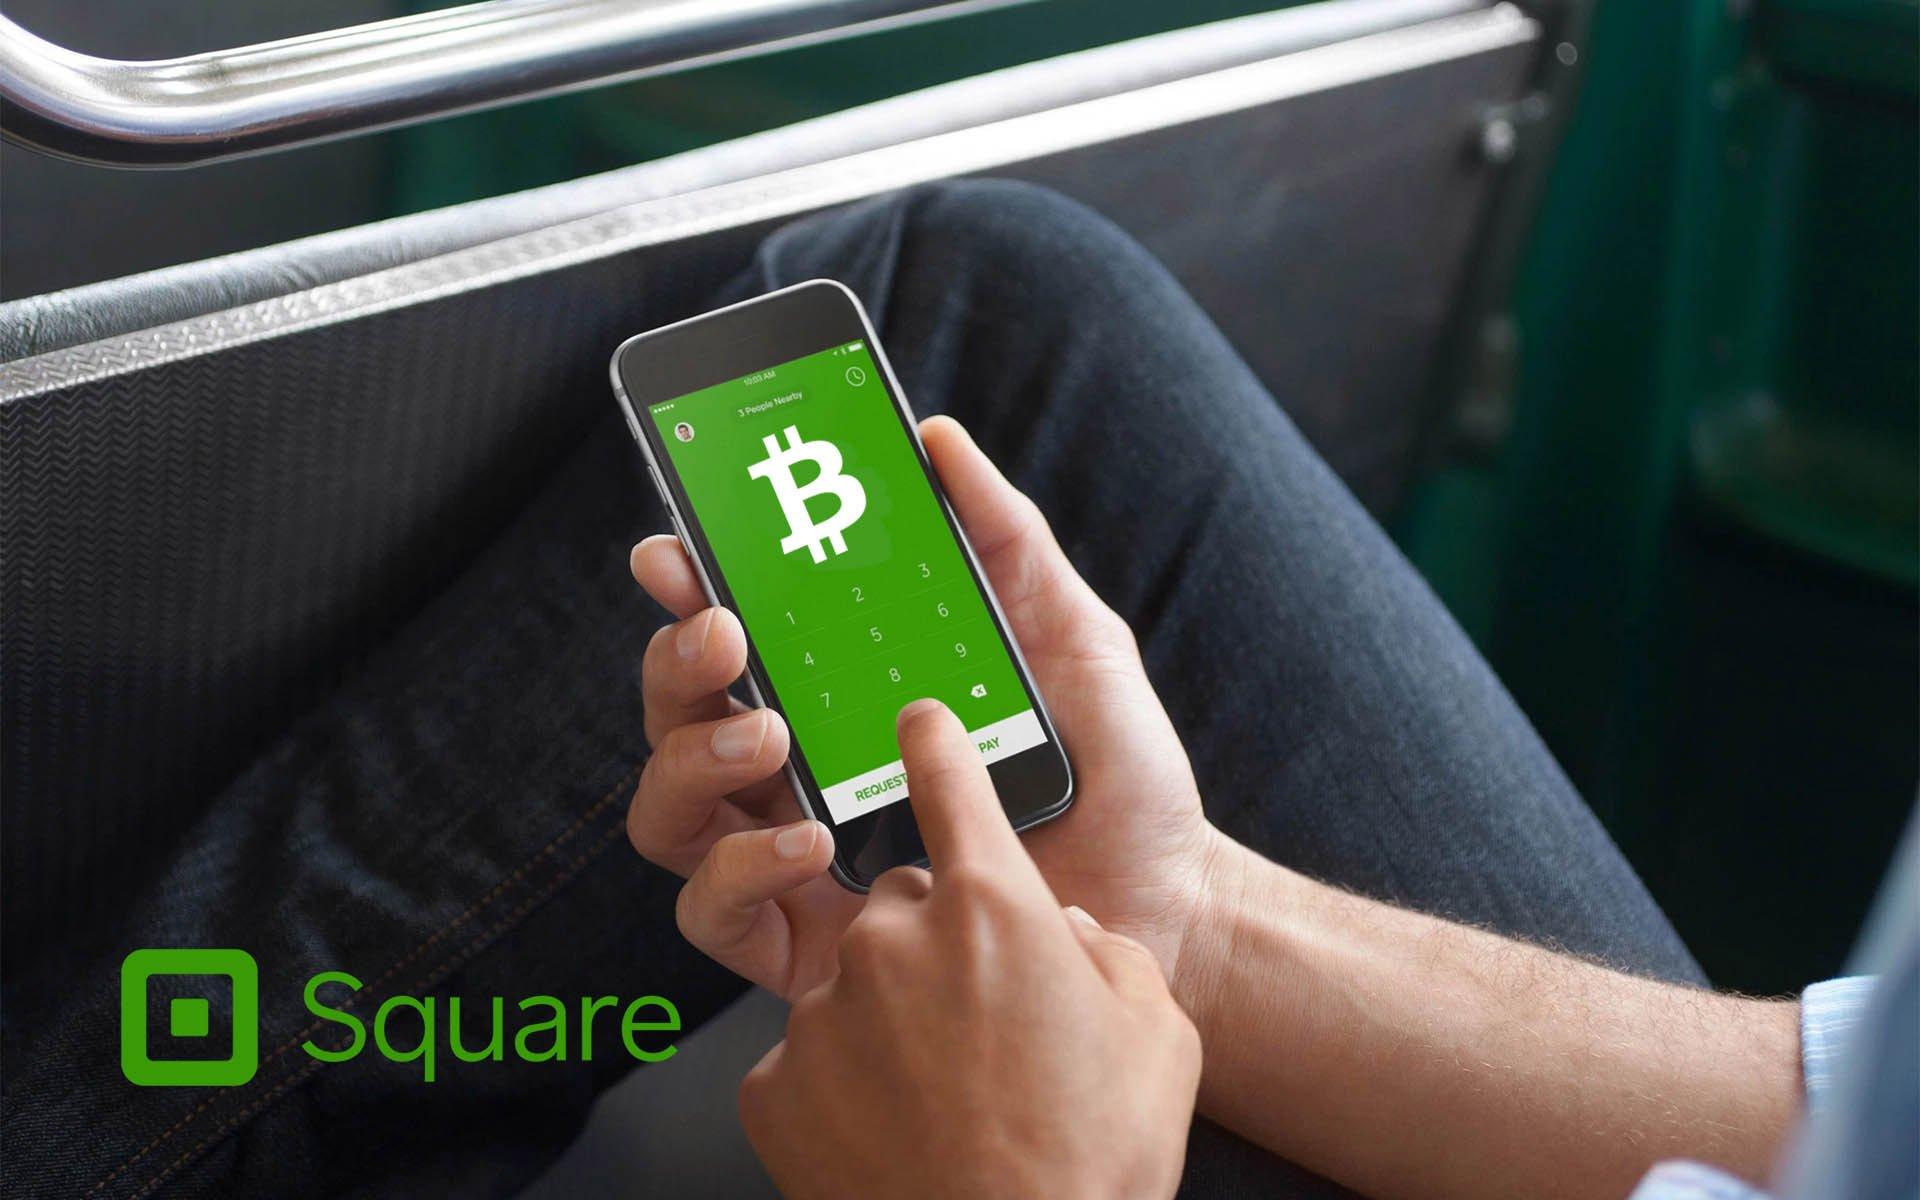 square-cash-bitcoin-acceptance-cover.jpg